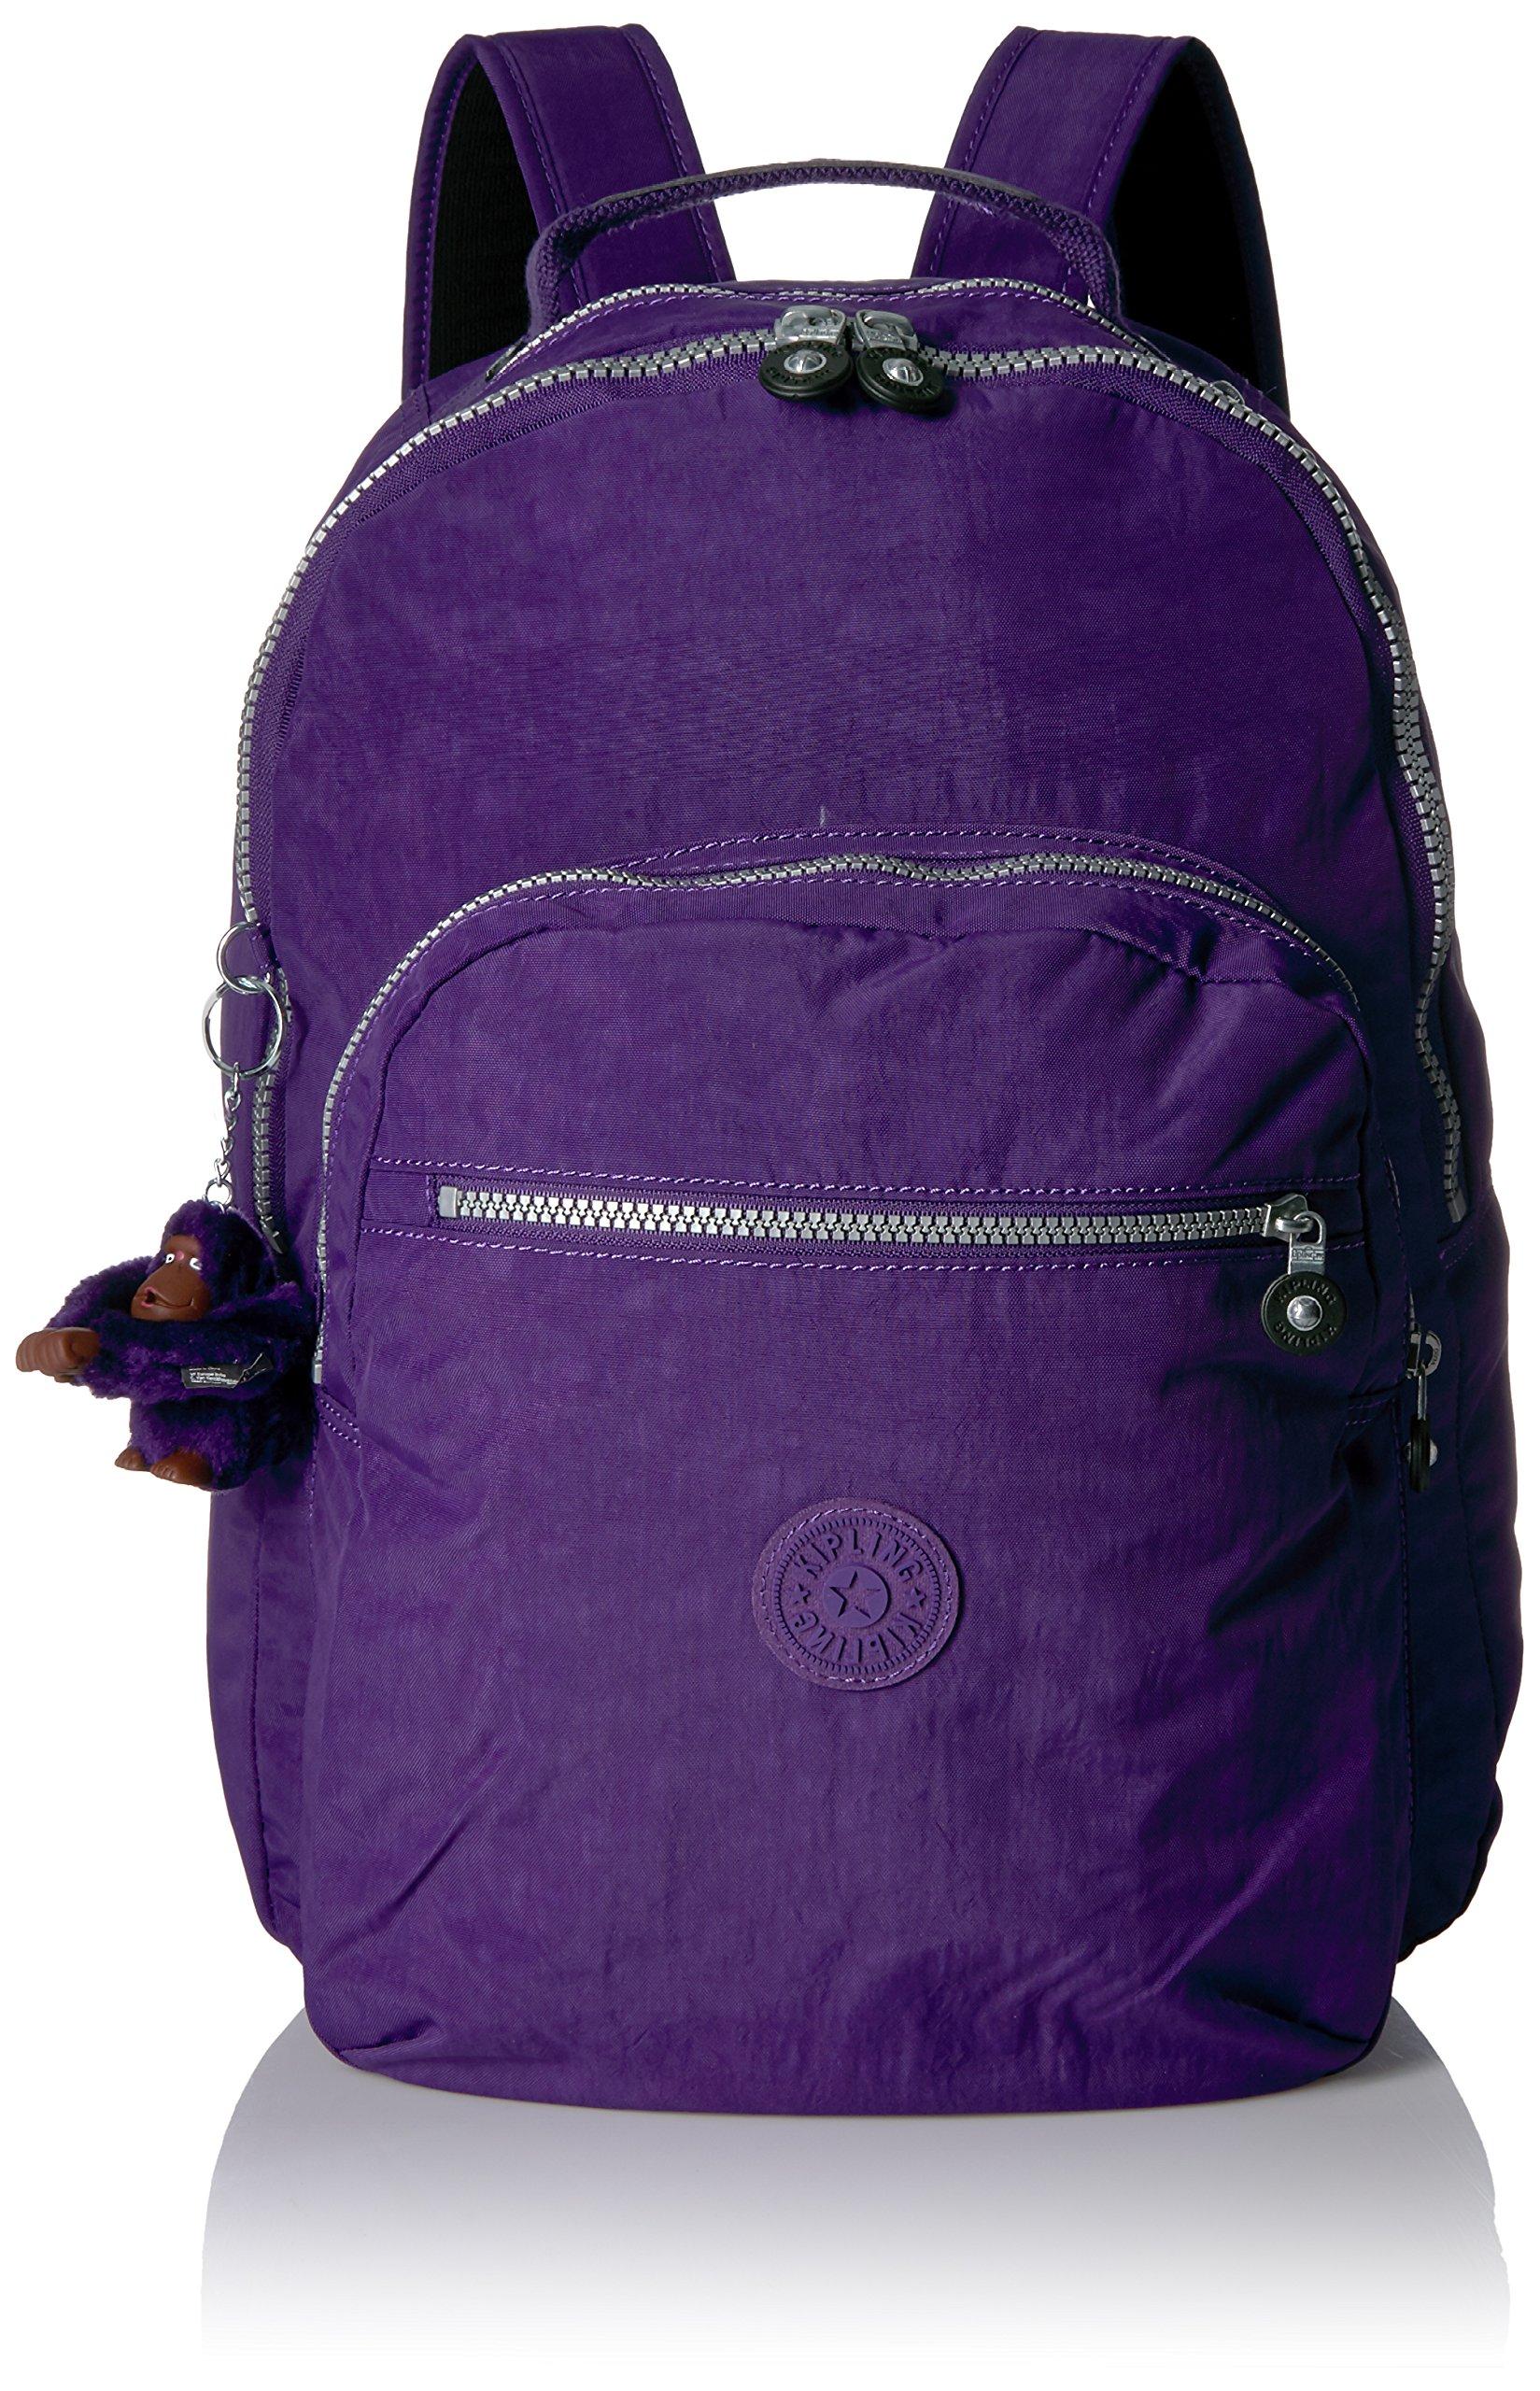 Seoul Backpack, Iris, One Size